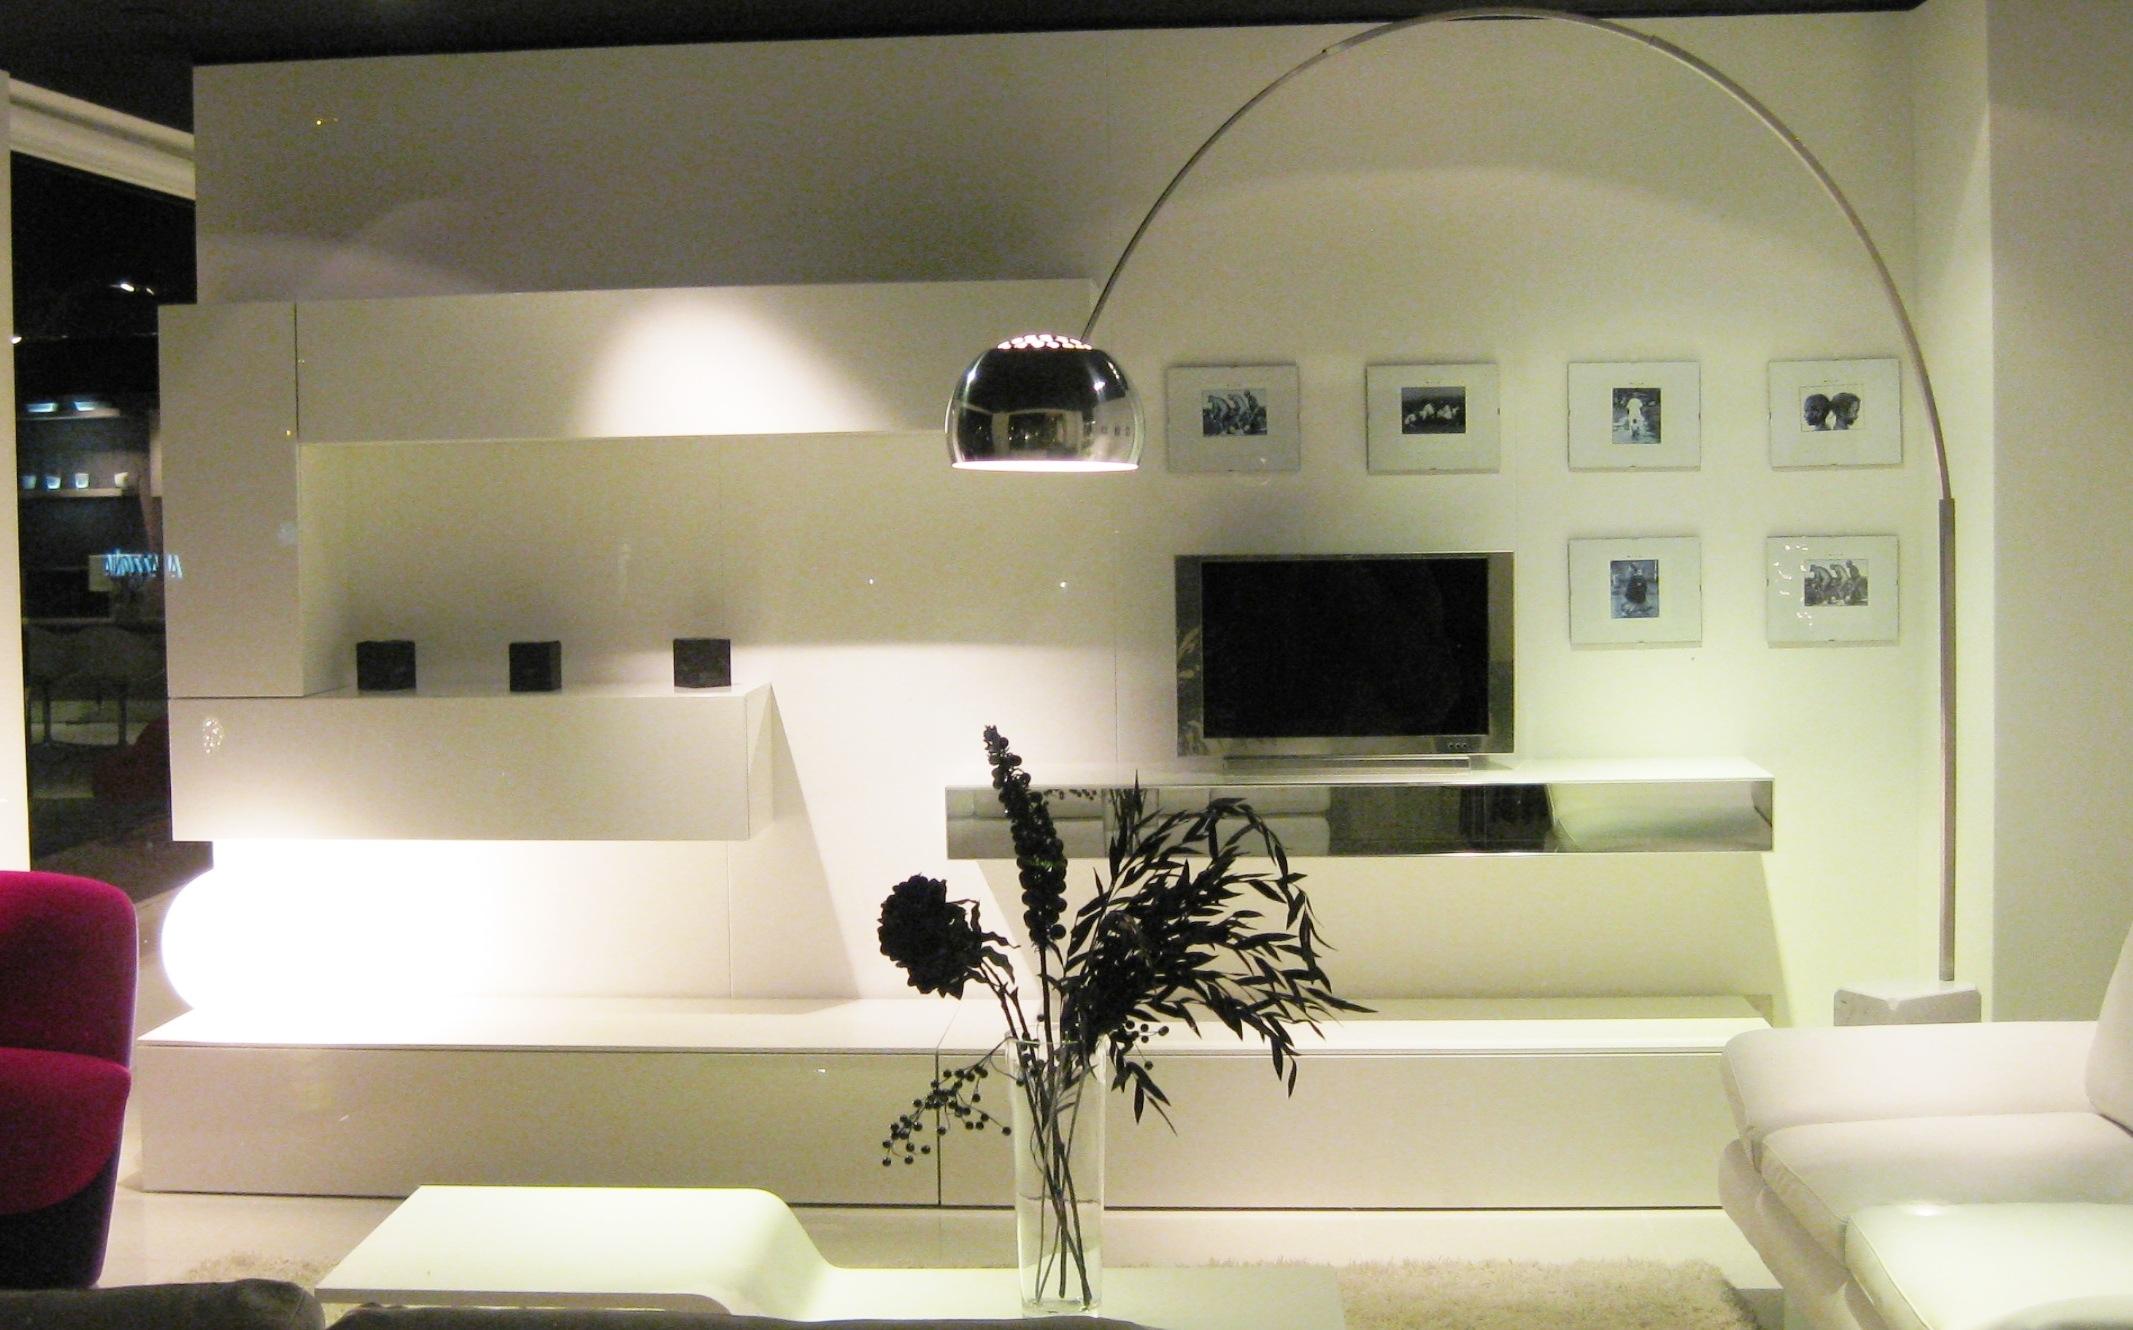 Soggiorni Moderni Sospesi: Soggiorni Moderni Os Ma Arredamenti  #877A45 2133 1330 Sala Da Pranzo Per Esterno